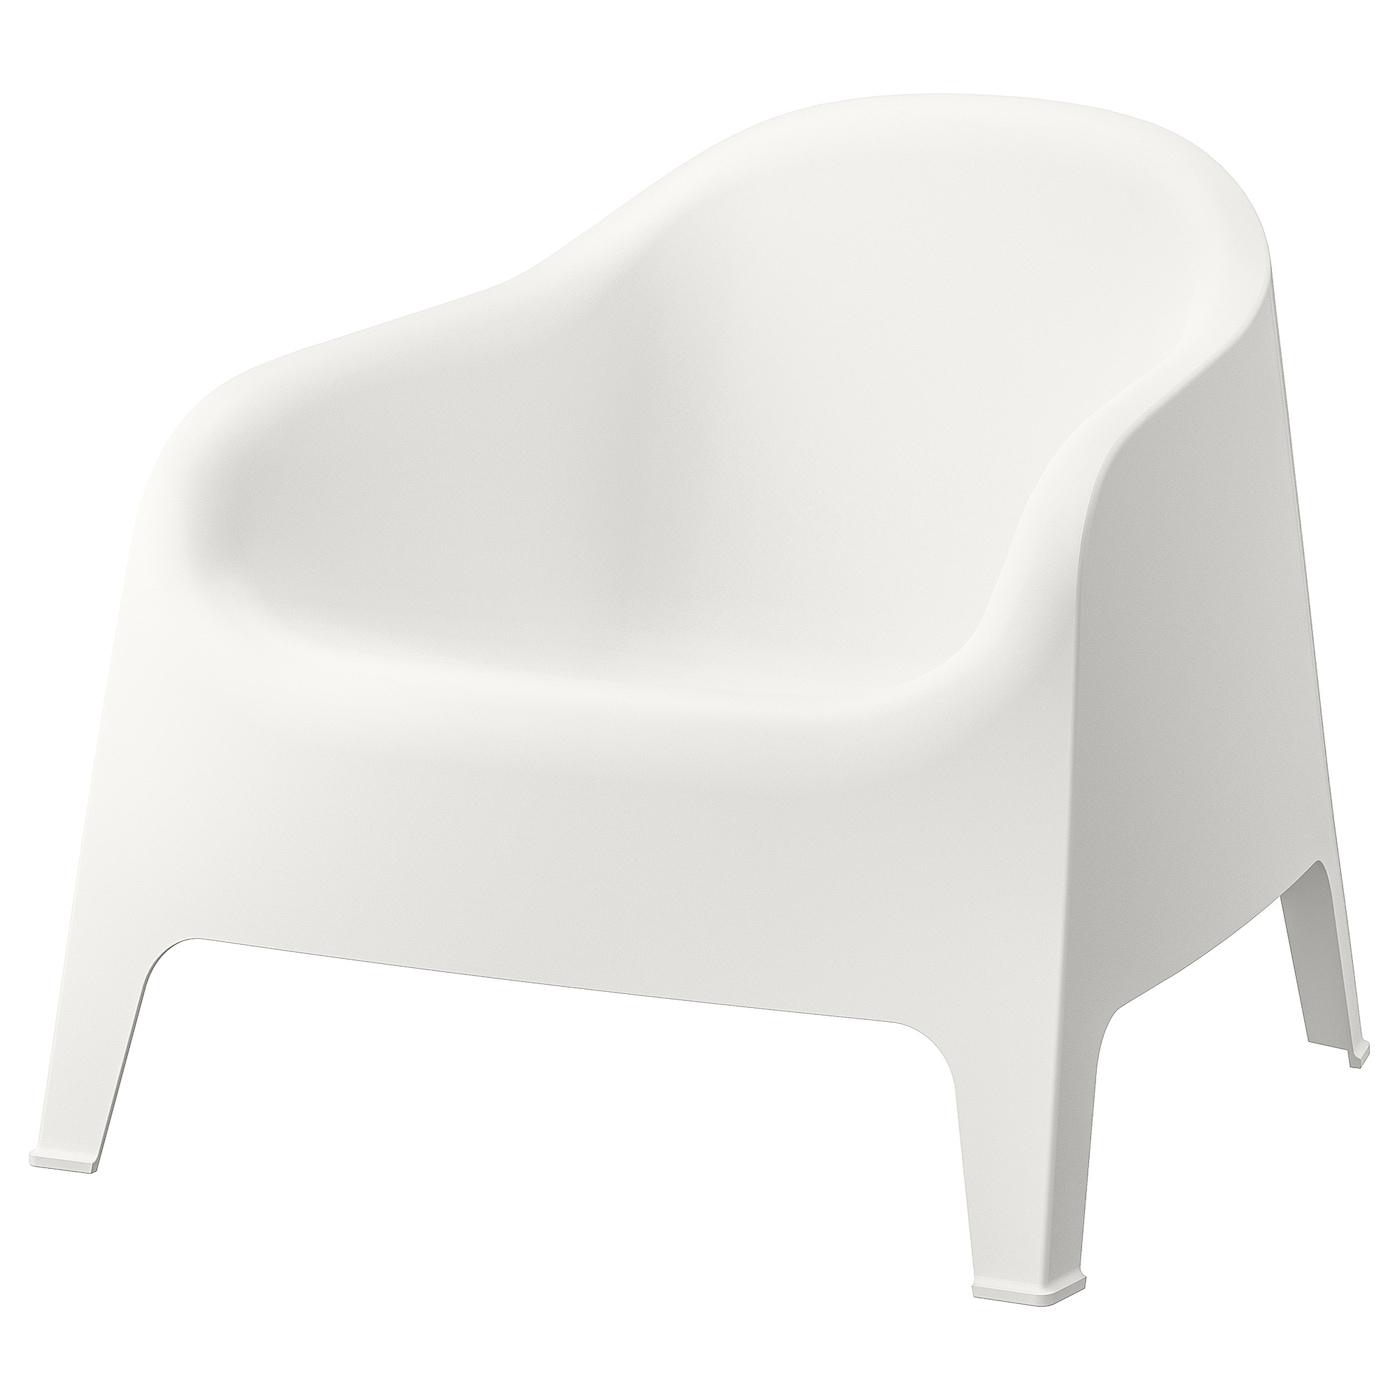 Skarpo Fauteuil Exterieur Blanc Interieur Siege Jardin Ikea Idees Conception Jardin